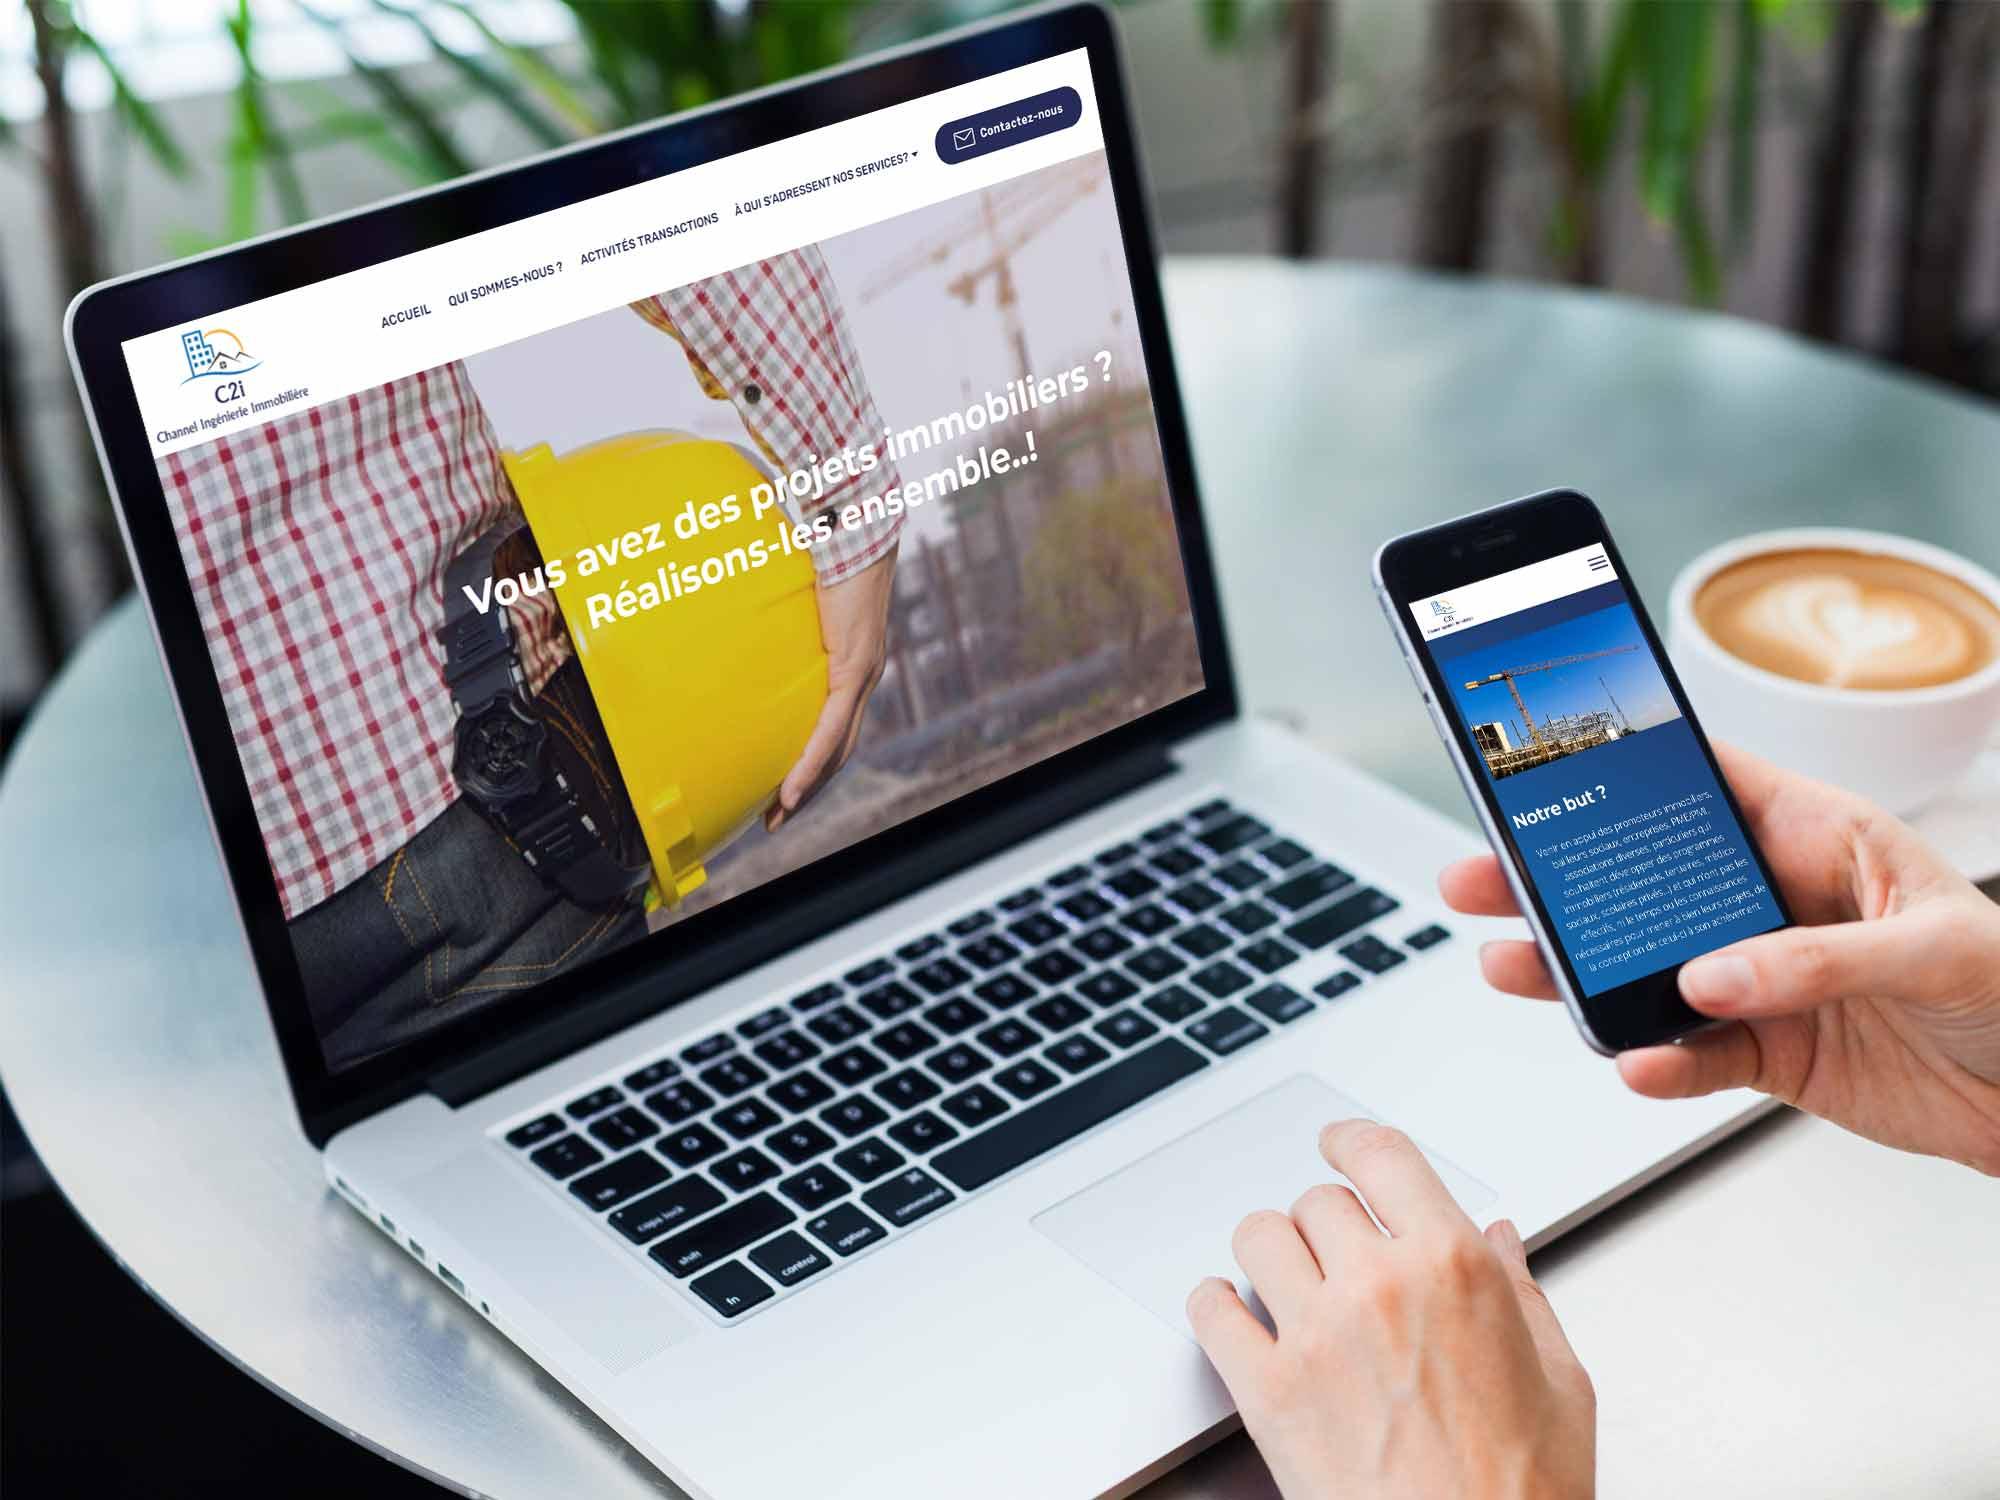 réalisation du site internet de l'entreprise C2I Hauts de France, basé au Touquet